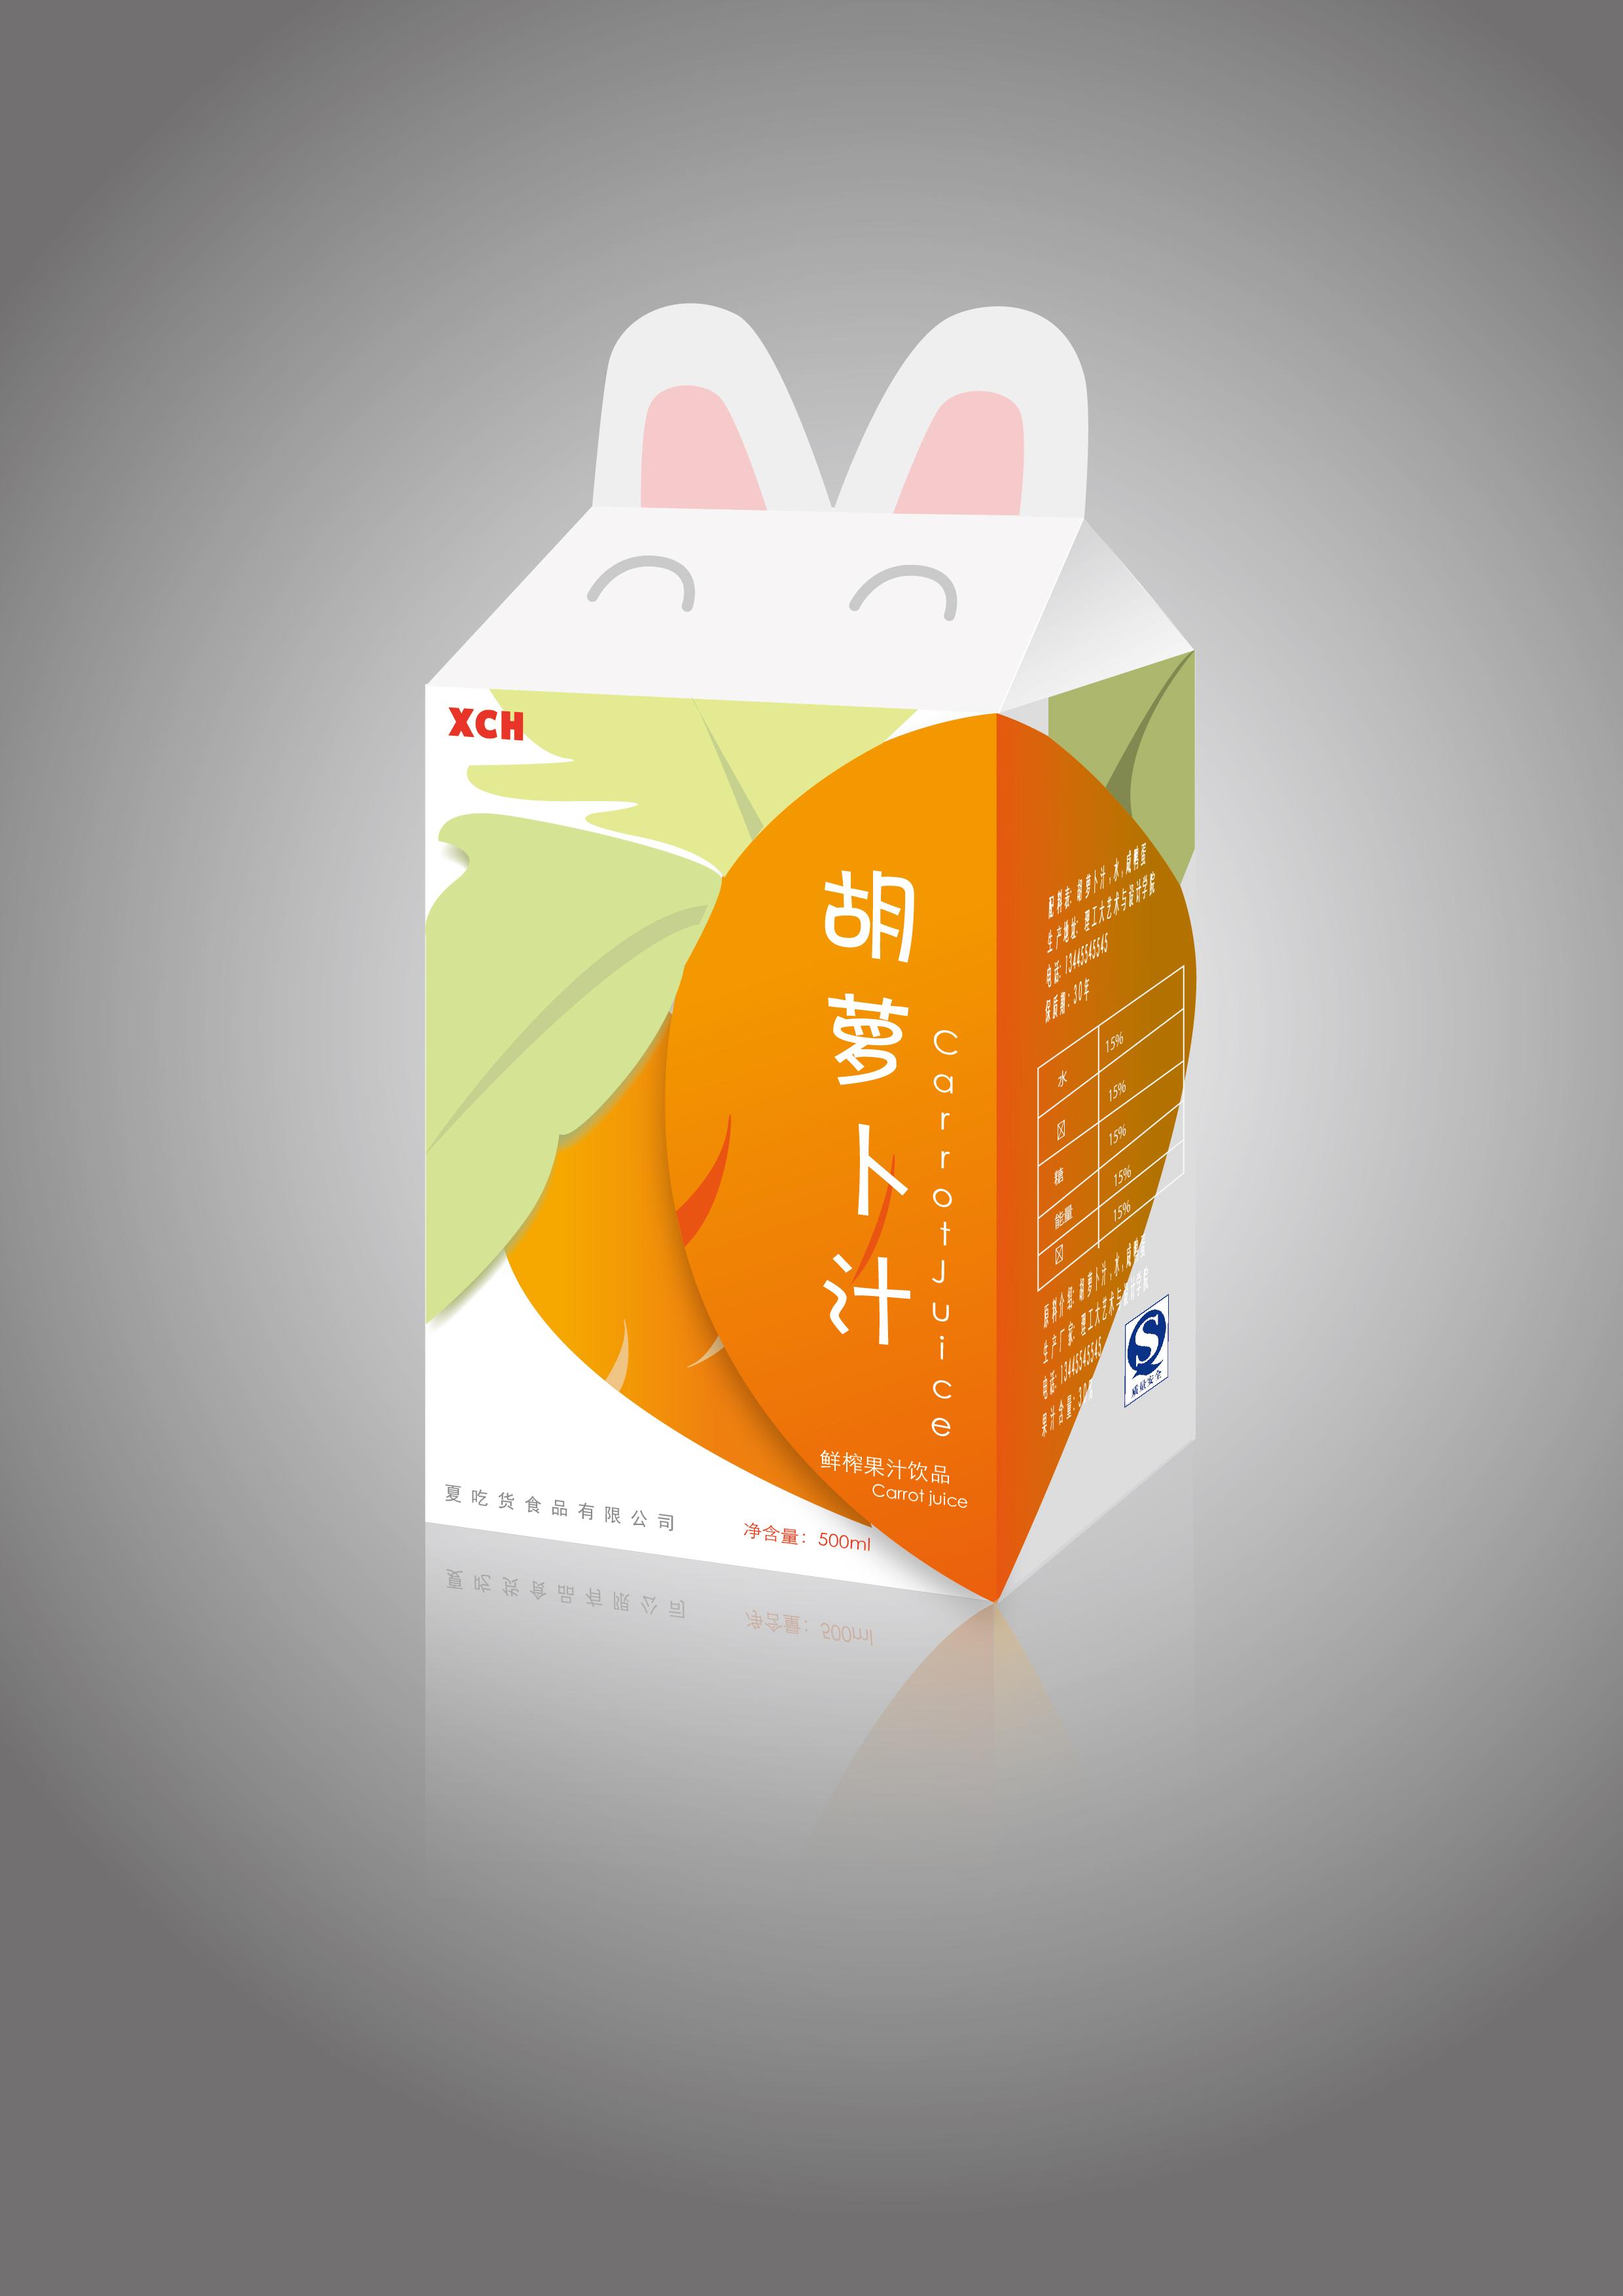 儿童饮品包装设计图片